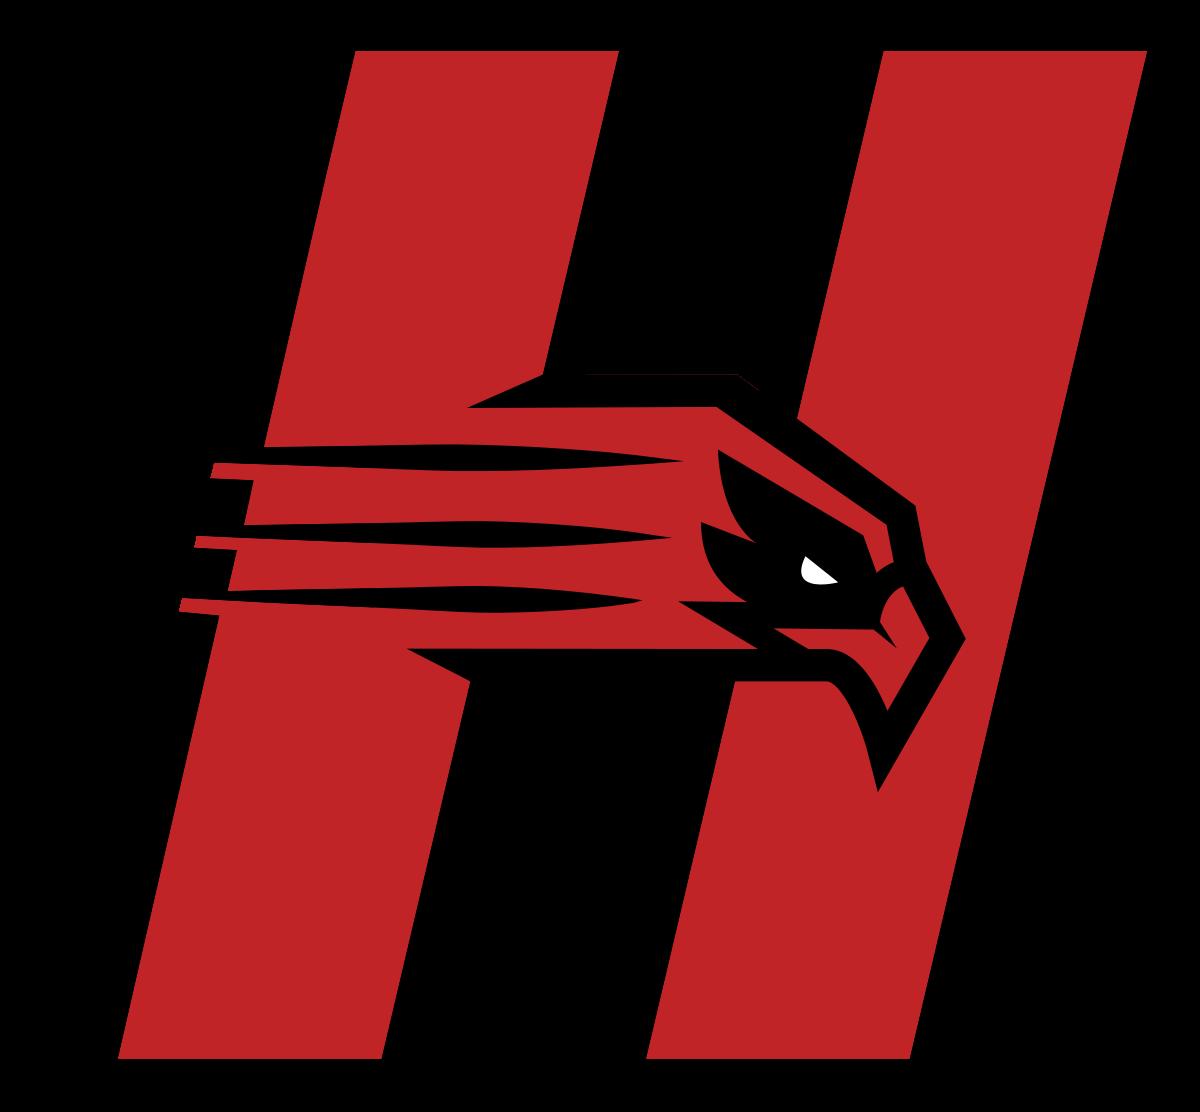 Hartford_Hawks_logo.svg